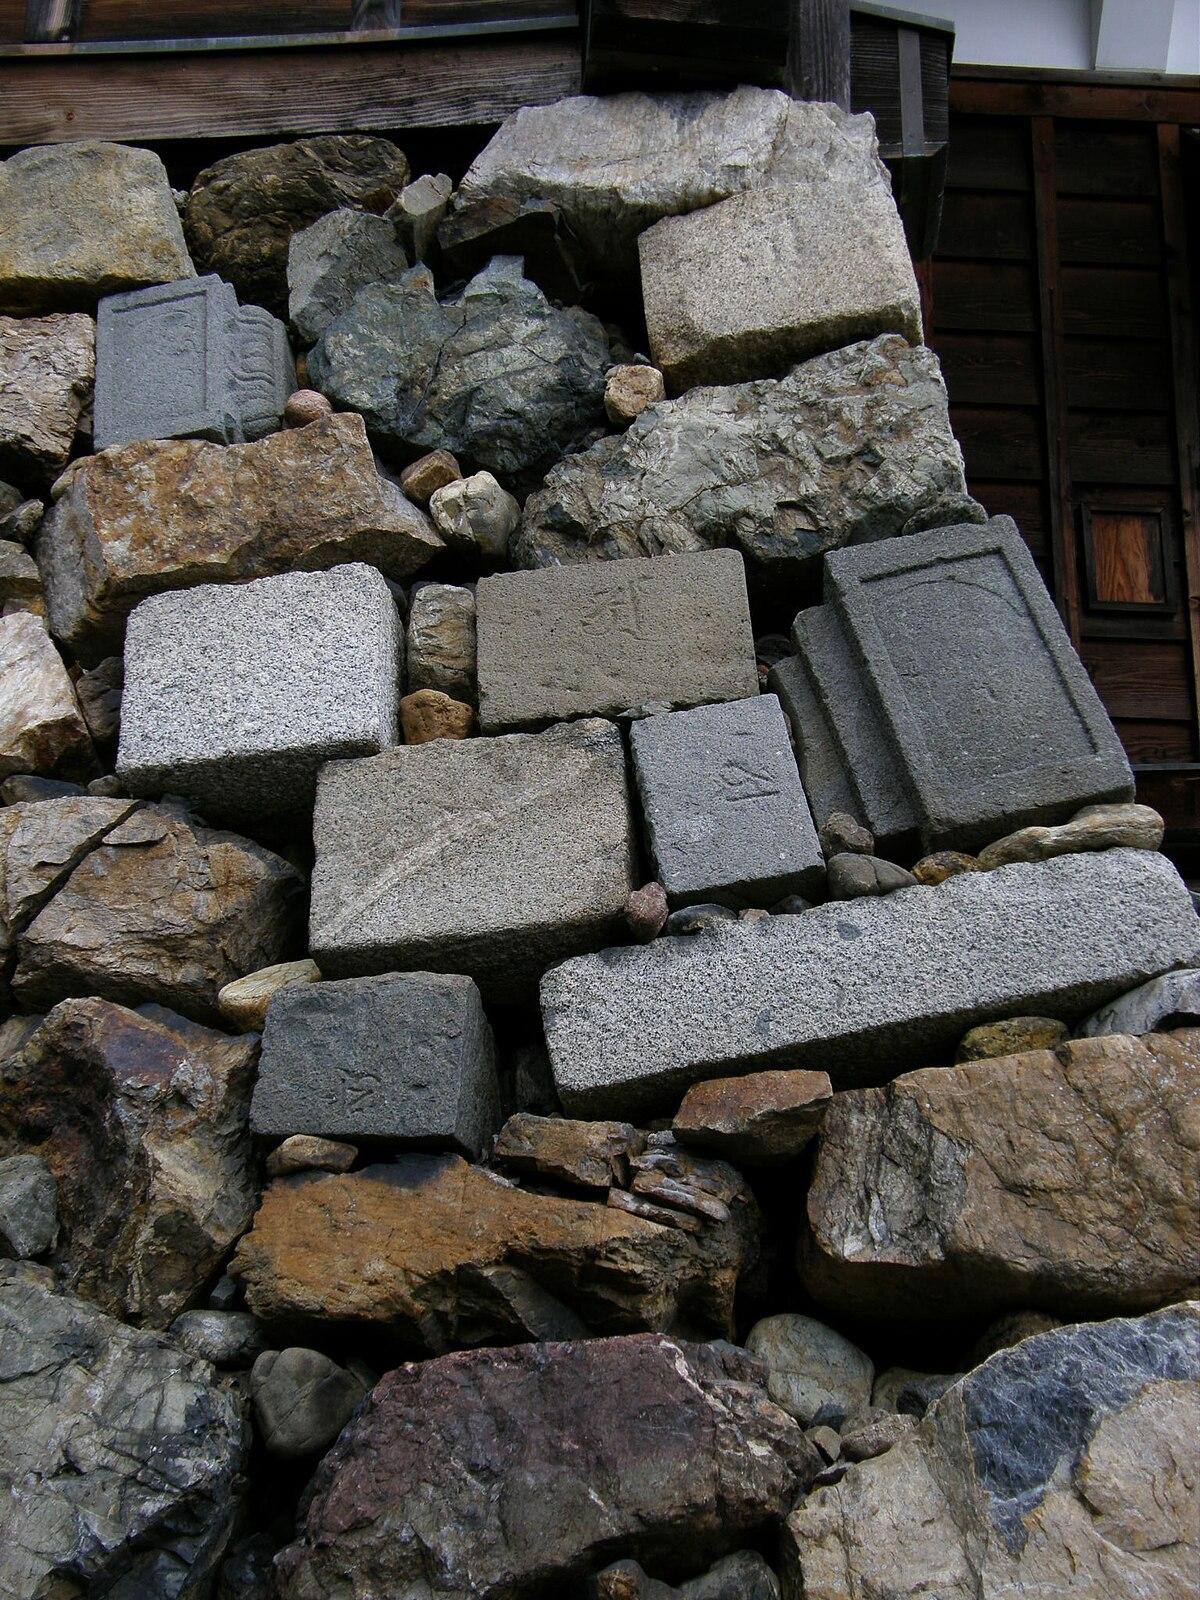 「暮石に使われる石」の画像検索結果